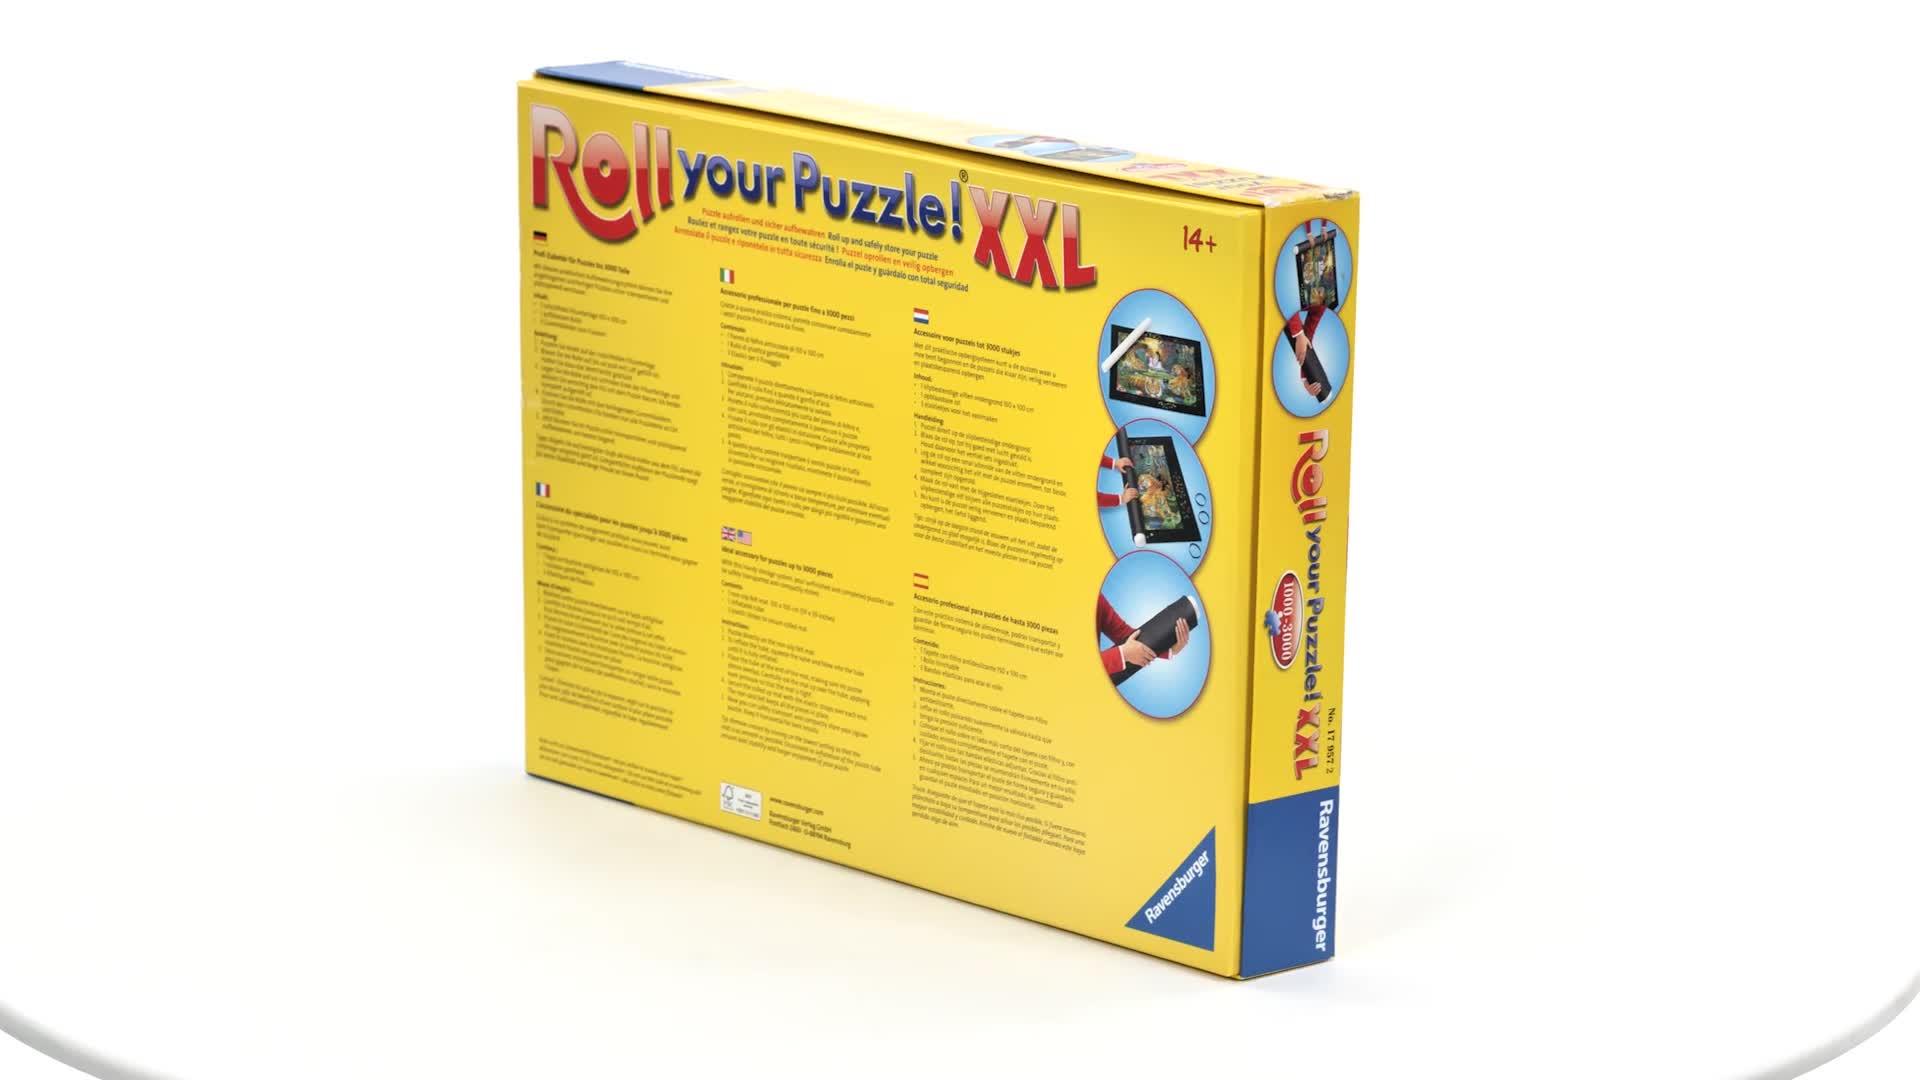 ravensburger tapis de puzzle xxl 1000 p a 3000 p accessoire pour puzzles adultes a partir de 14 ans 17957